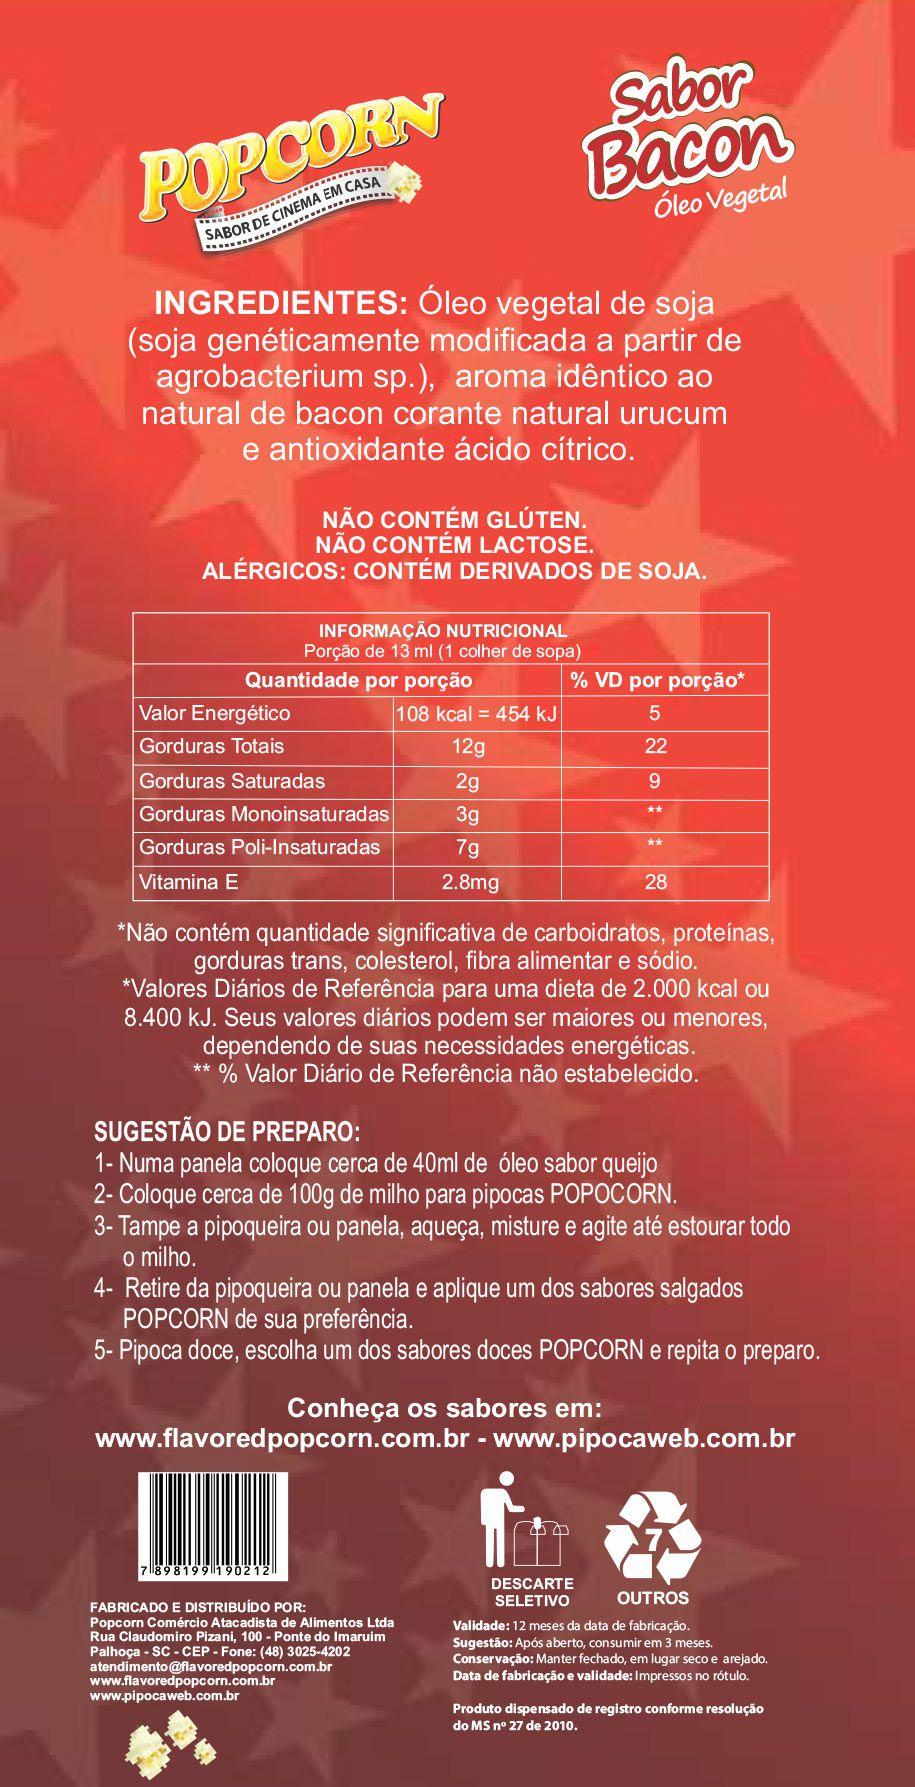 BACON DE CINEMA - ÓLEO VEGETAL SABOR BACON - 03 FRASCOS DE 200ML